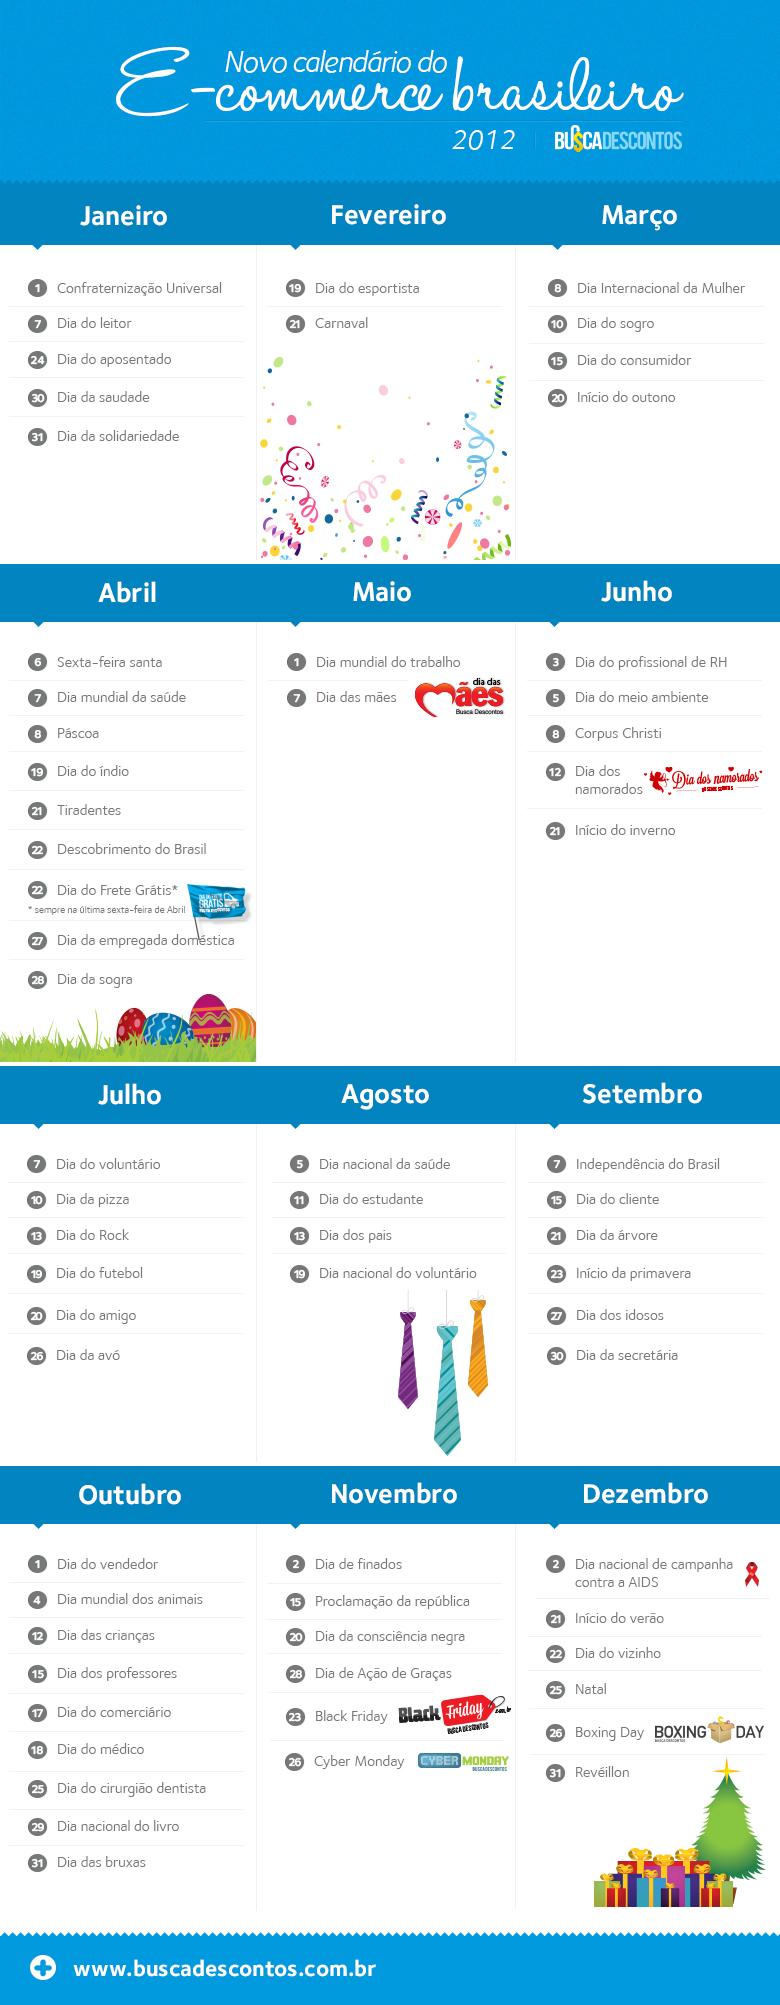 Calendário de datas comemorativas do e-commerce no Brasil